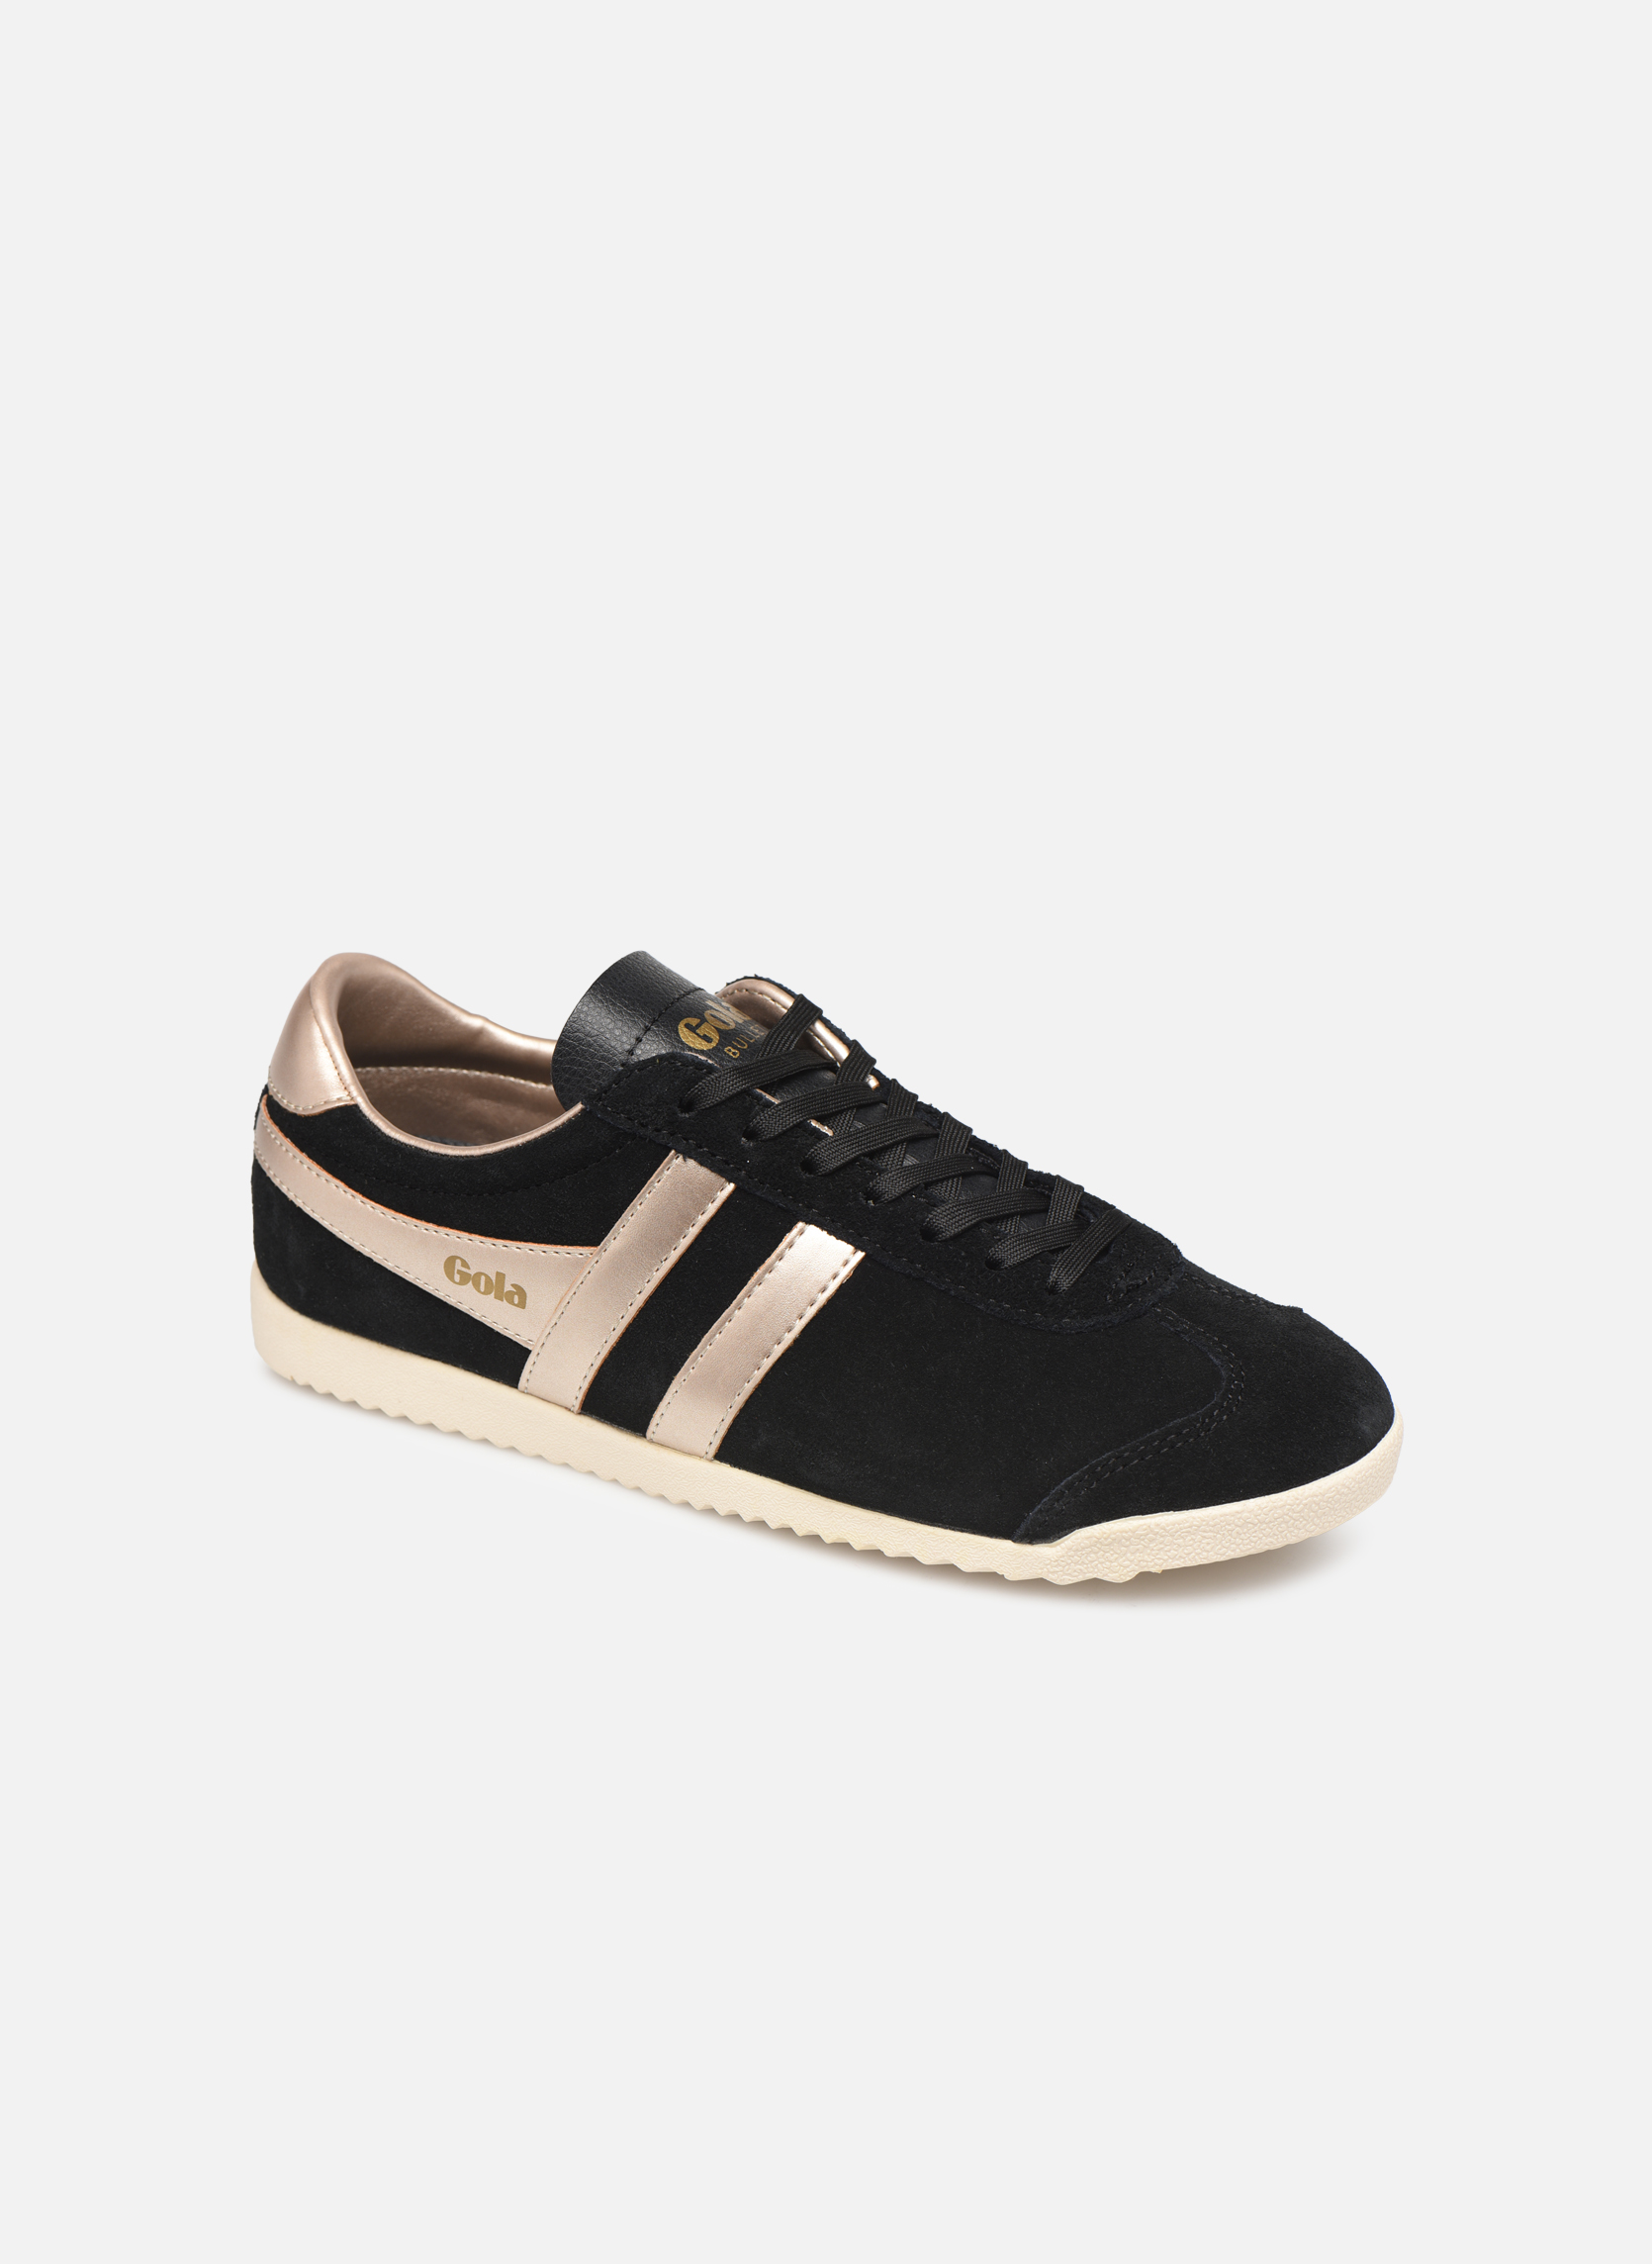 Sneakers Gola Zwart